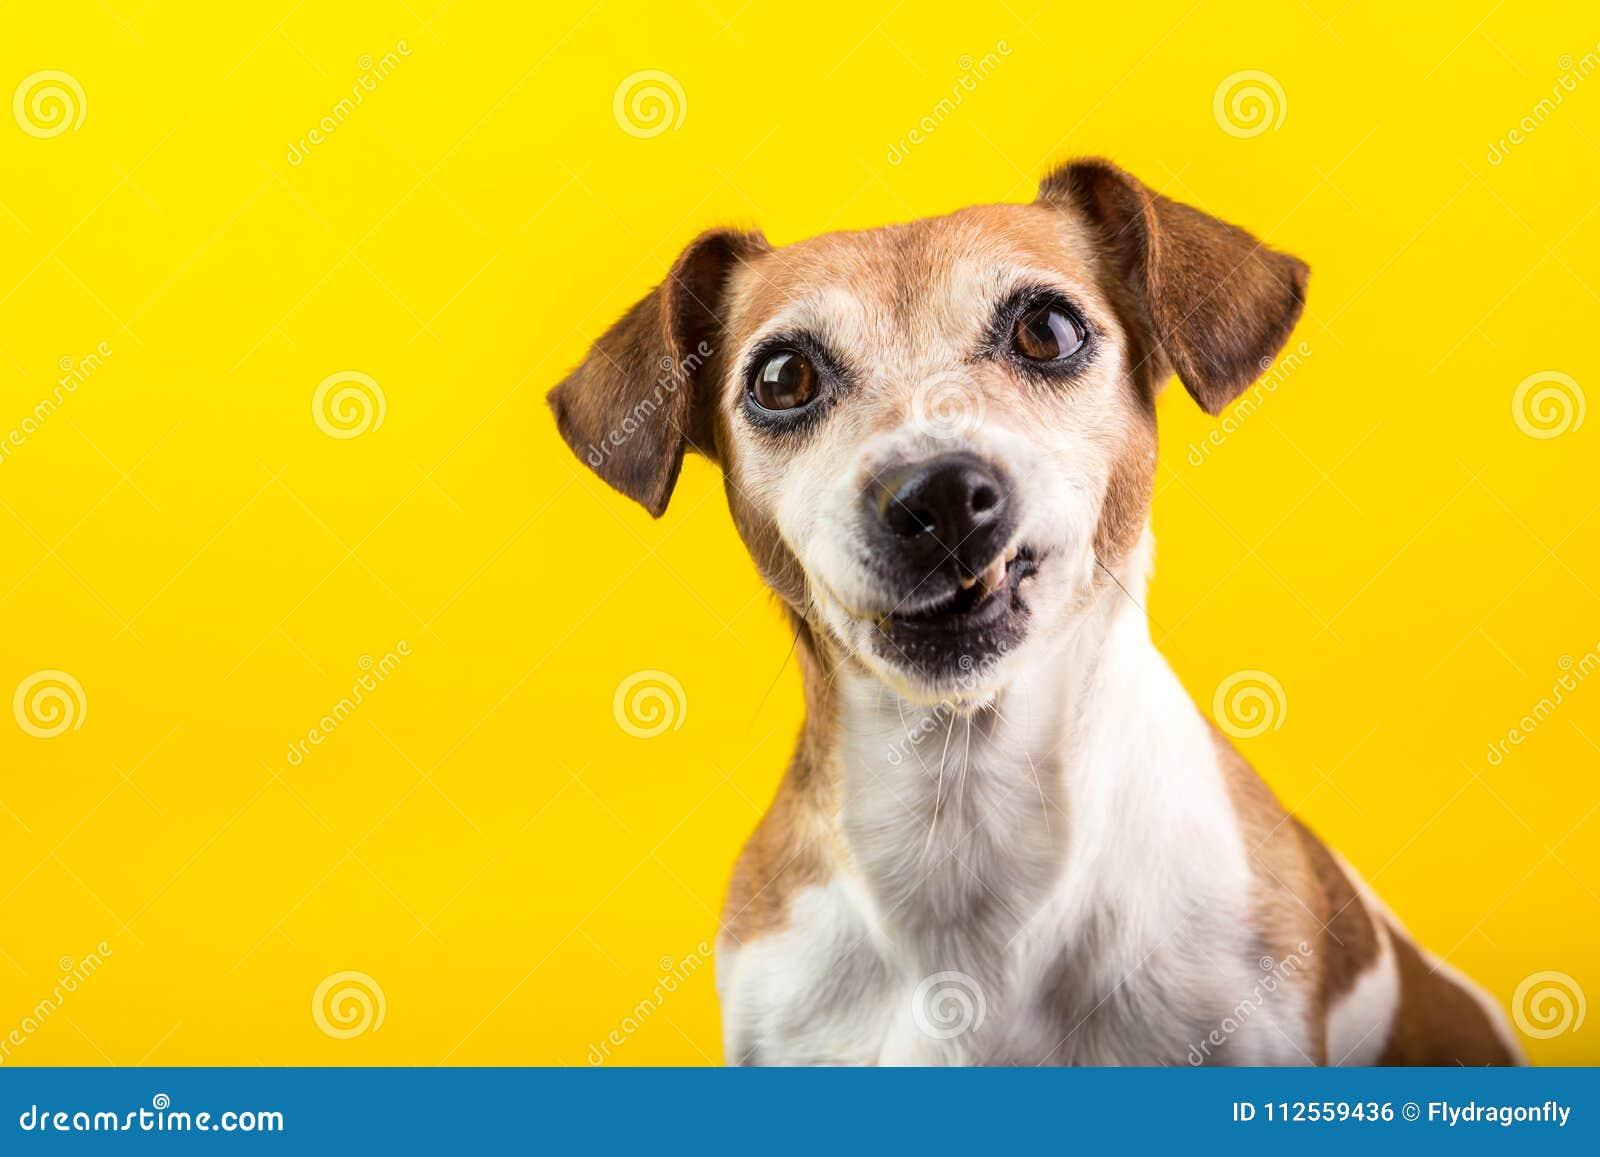 Rolig hundavsmak, förnekande, motsättningframsida Universitetslärare` t gillar det Grinar tandhusdjuret Gul bakgrund